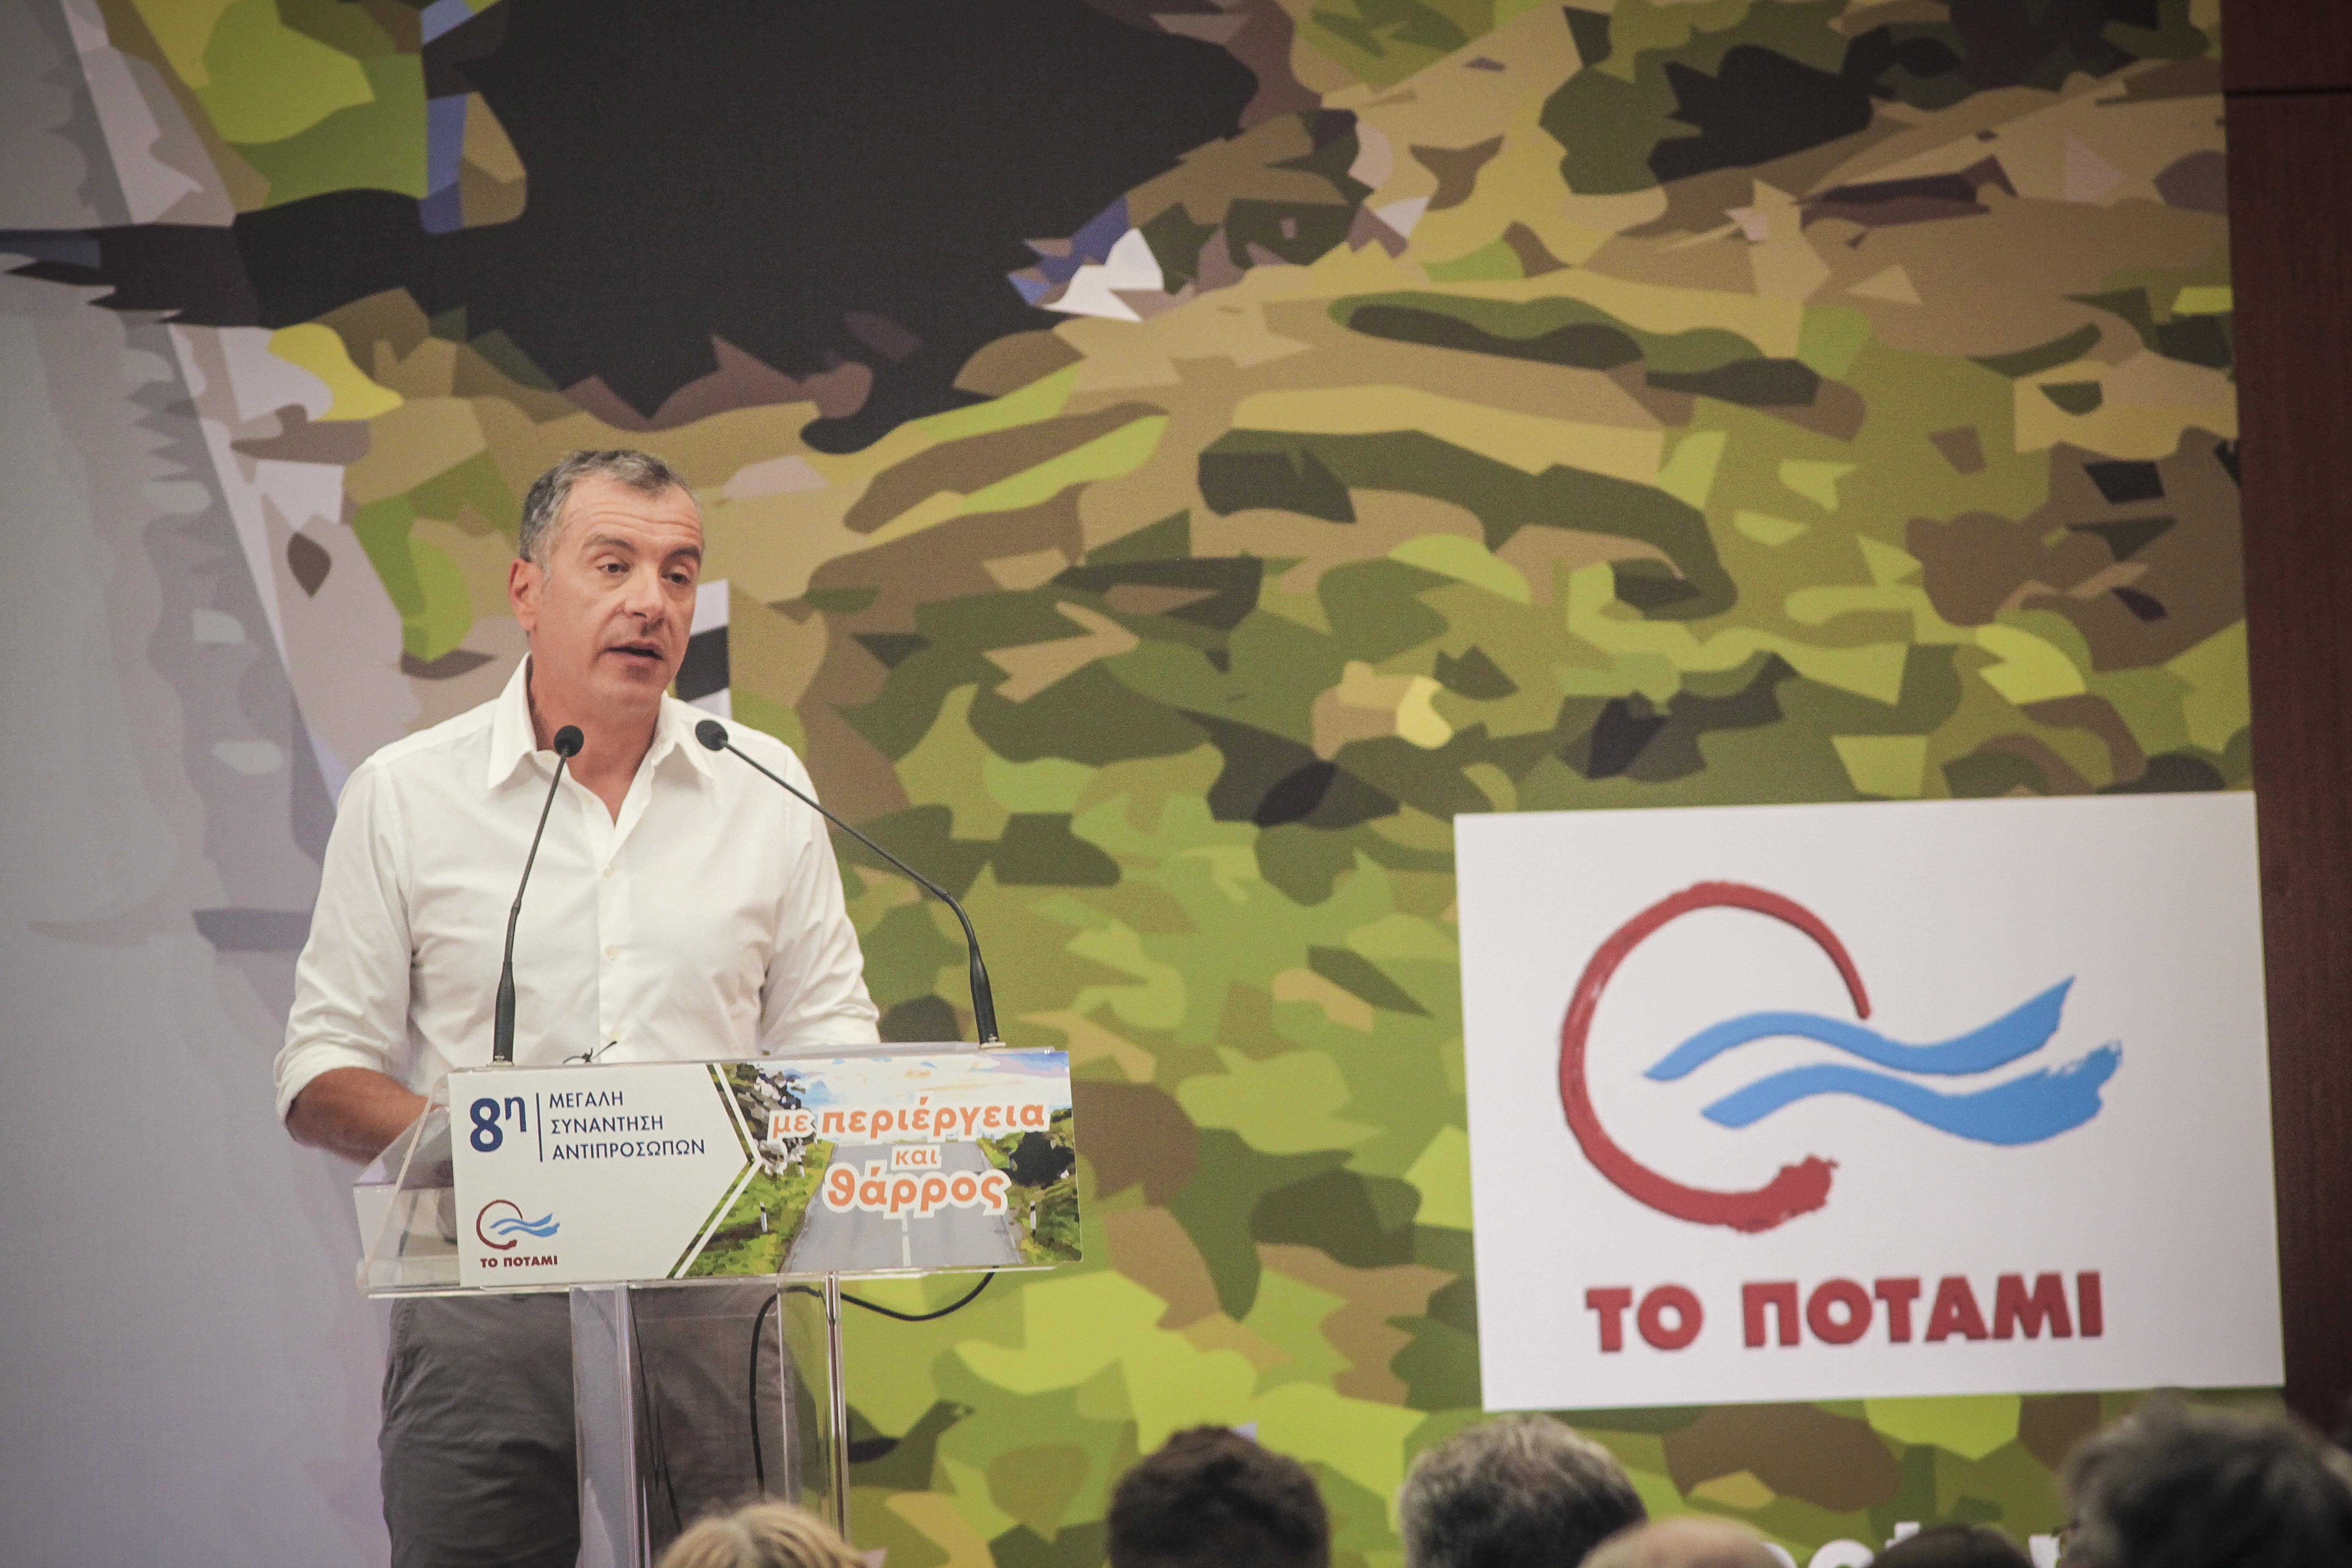 Θεοδωράκης: Αναγκαία η συμφωνία για την πΓΔΜ. Κυβερνητική συνεργασία στις επόμενες